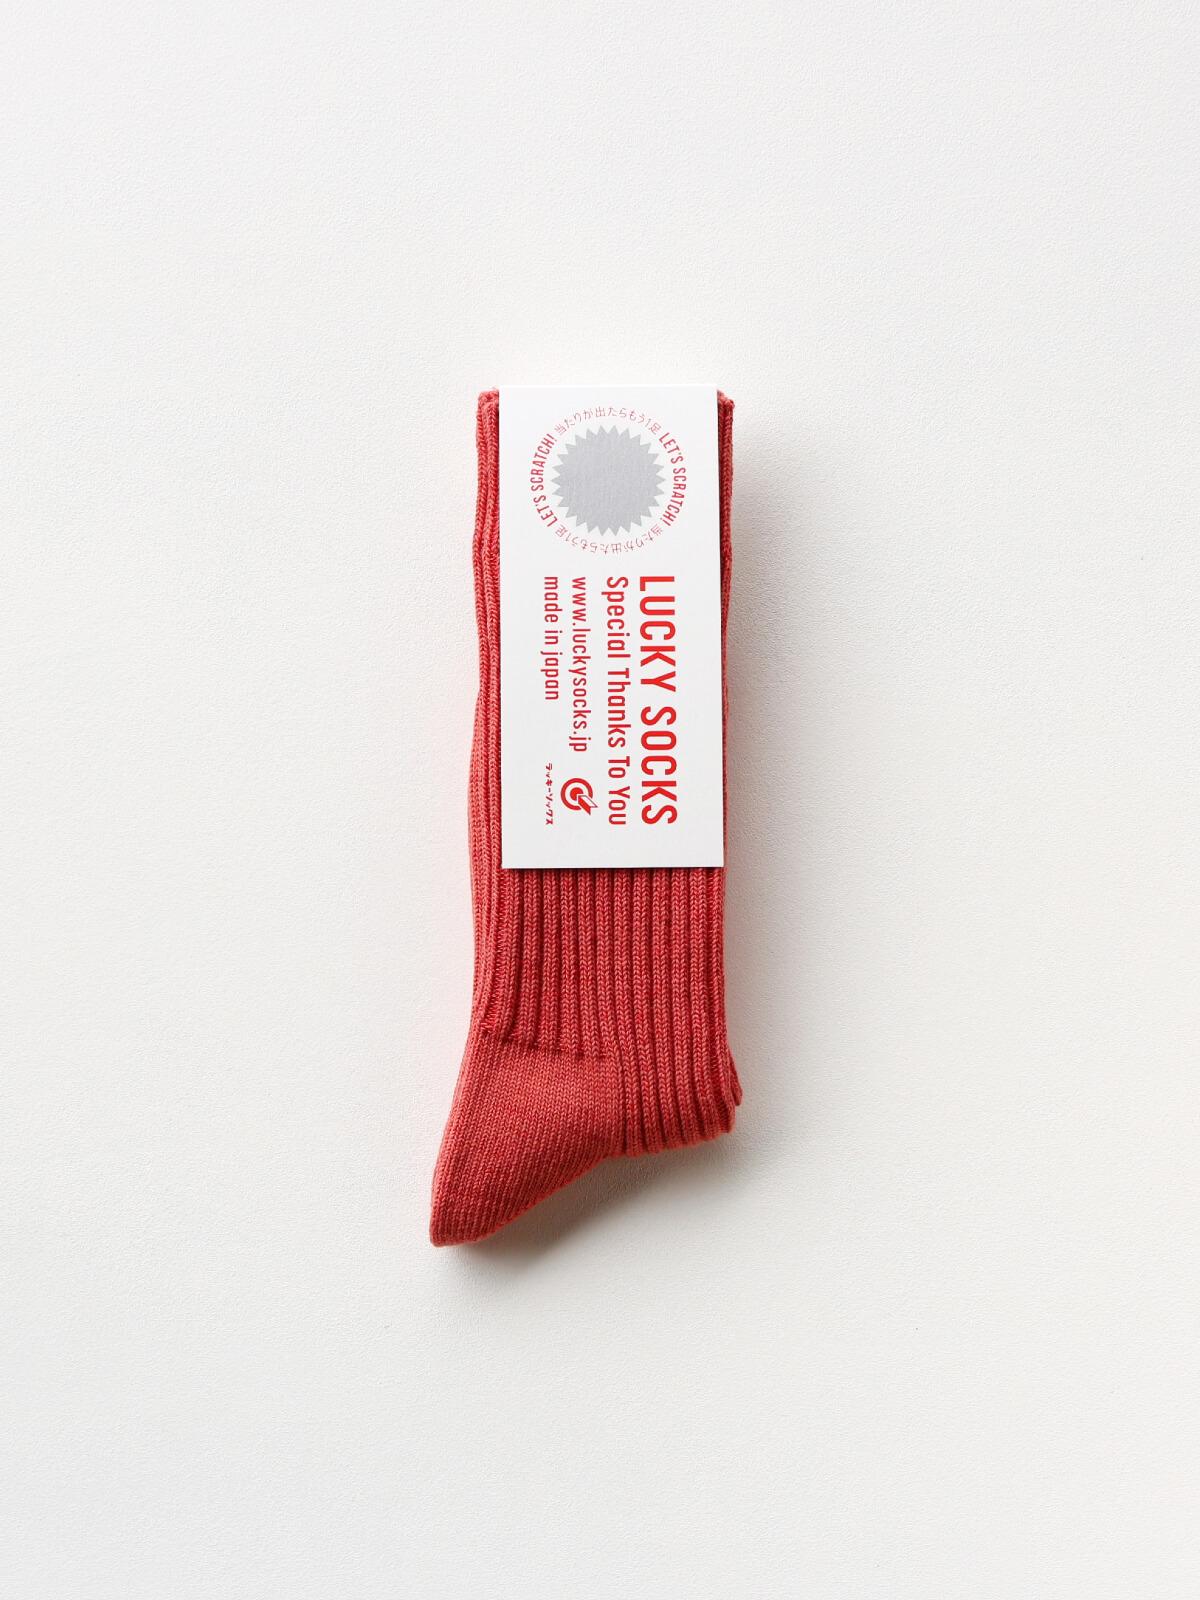 当たりつきギフト専用靴下のLUCKY SOCKS(ラッキーソックス)のSmooth Rib Socks(スムースリブソックス)のブラッドオレンジ_1